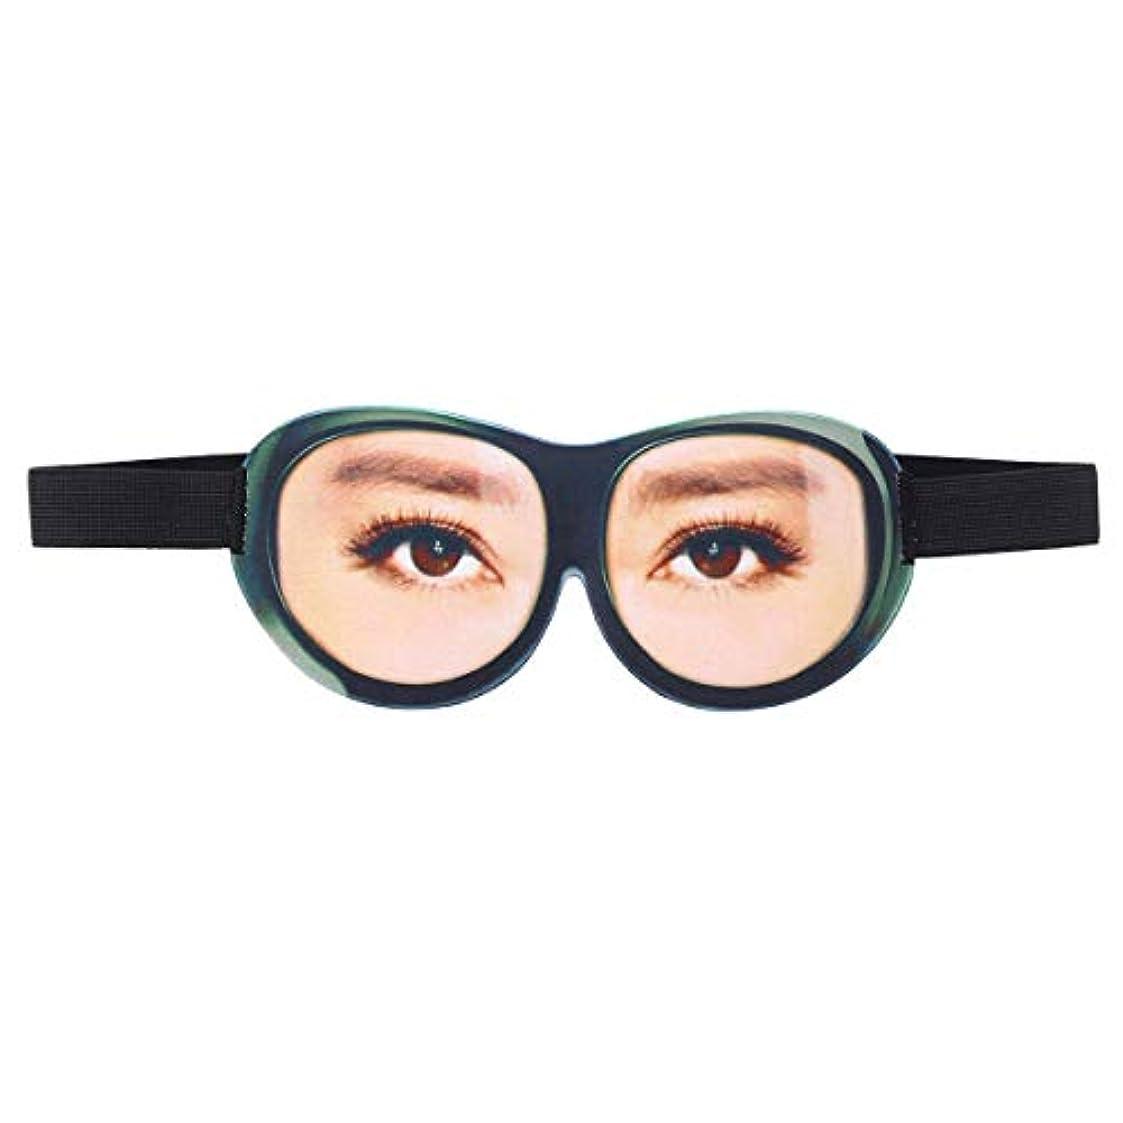 雑草ナビゲーションベアリングSUPVOX 面白いアイシェード3Dスリープマスクブラインドパッチアイマスク目隠し